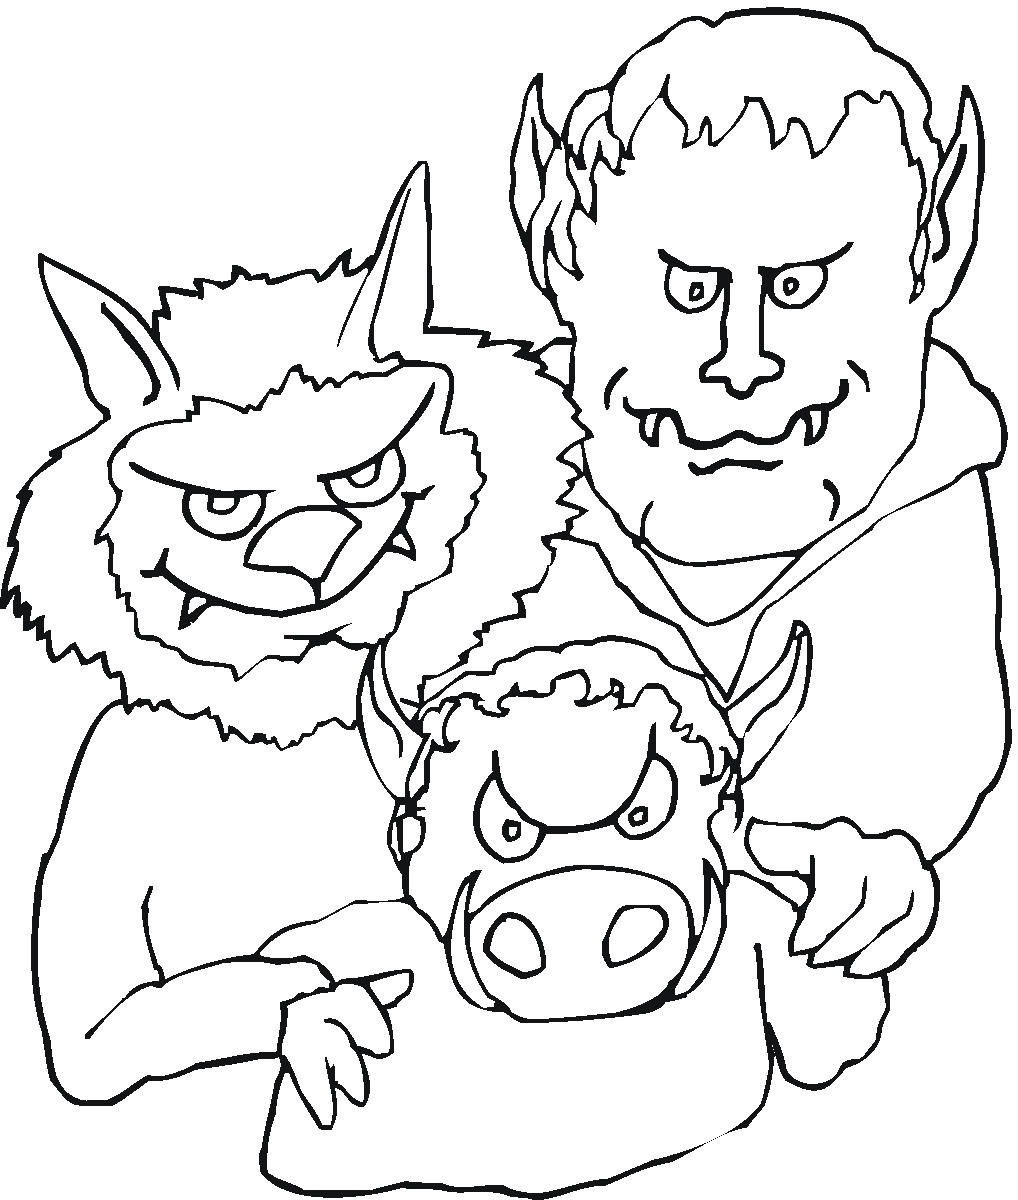 desenhos de zumbis para colorir